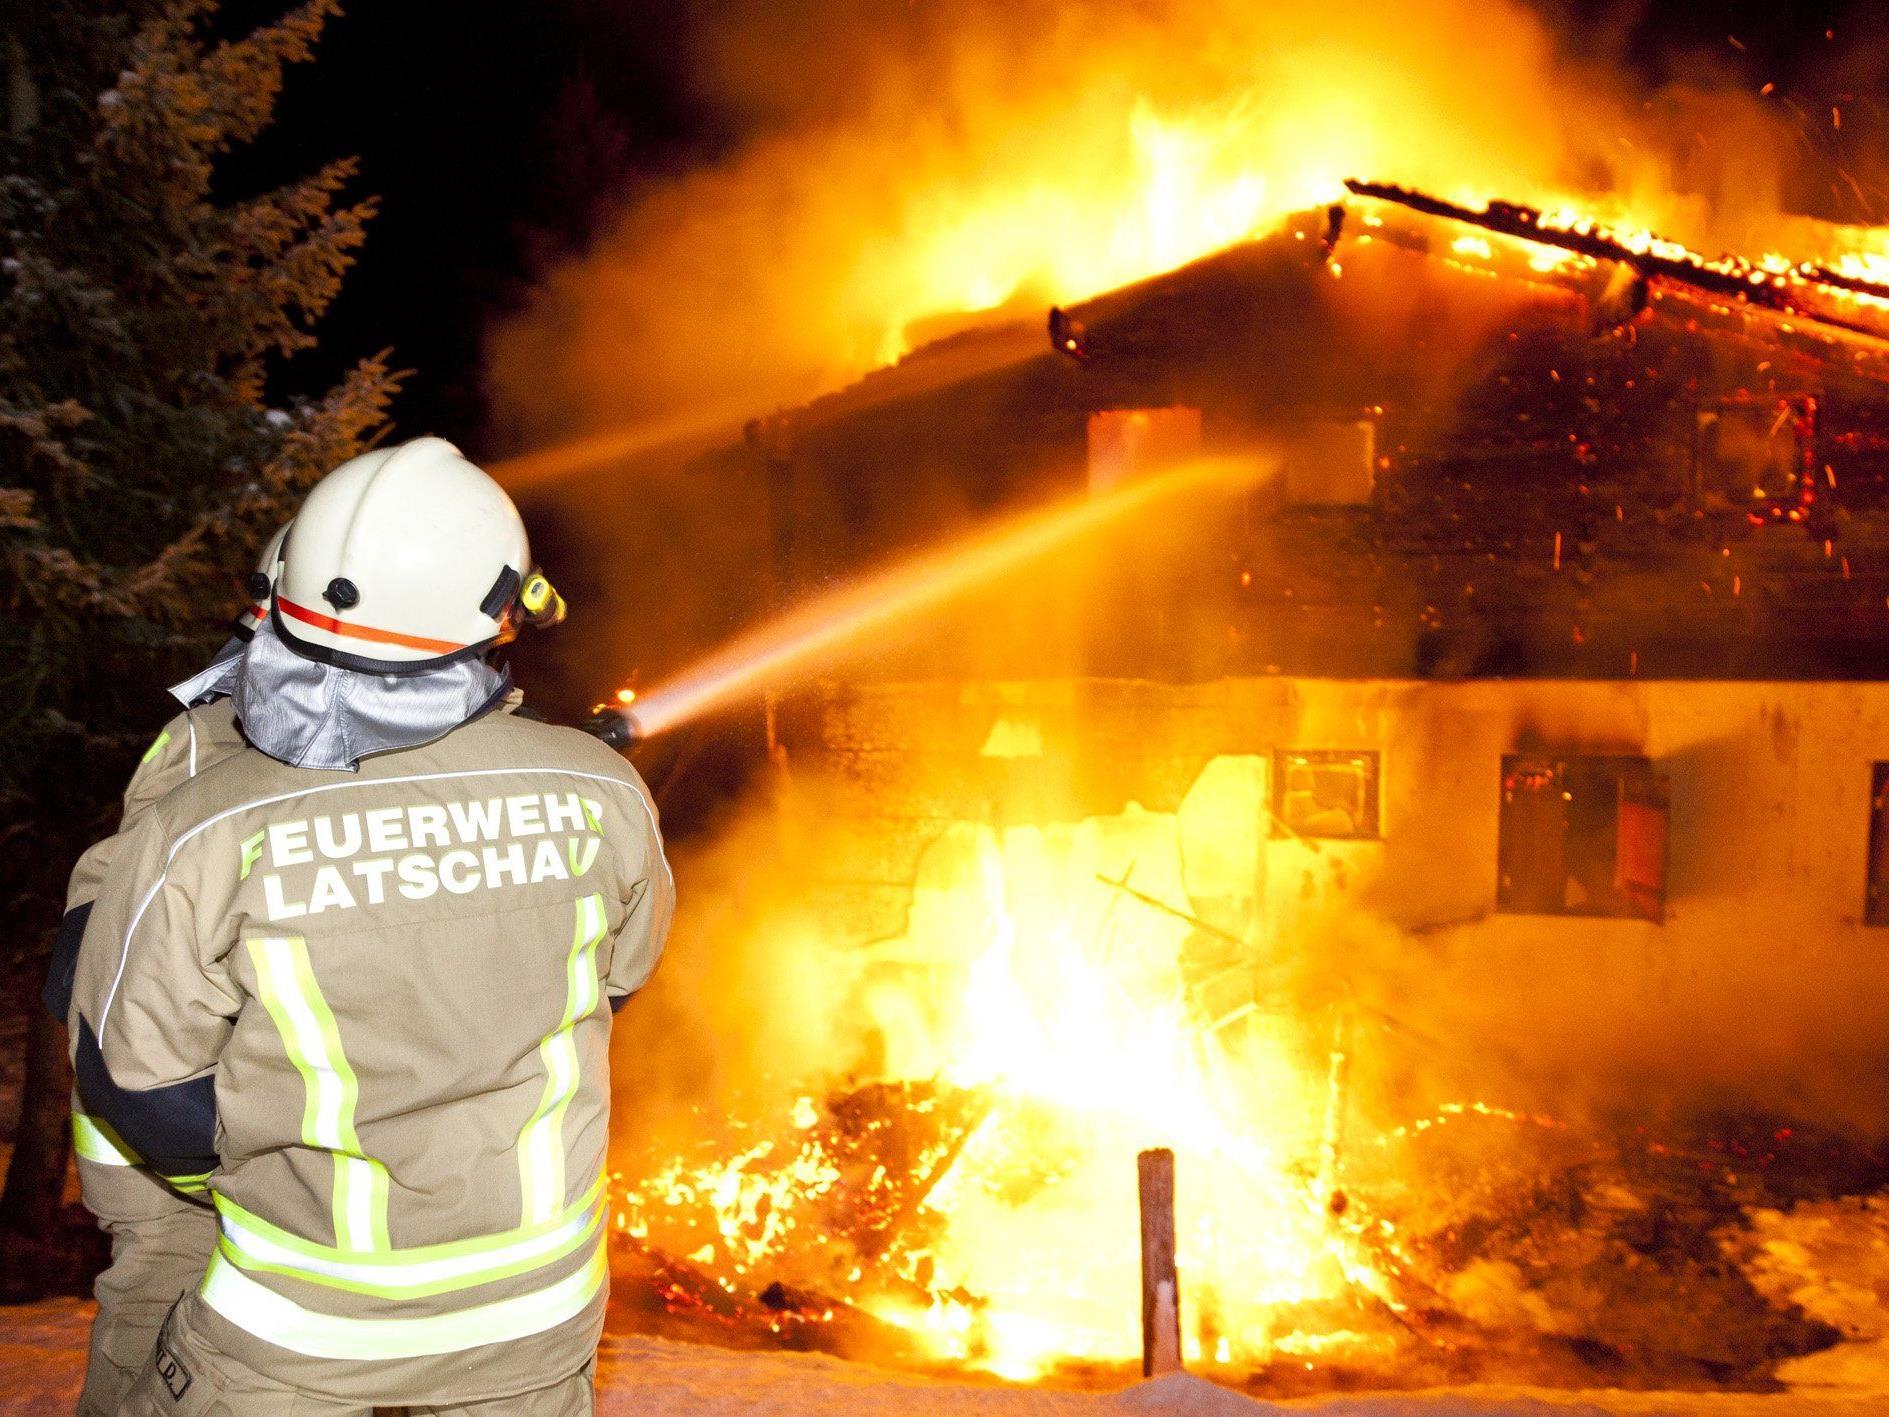 Einsatz beim Brand in Latschau.